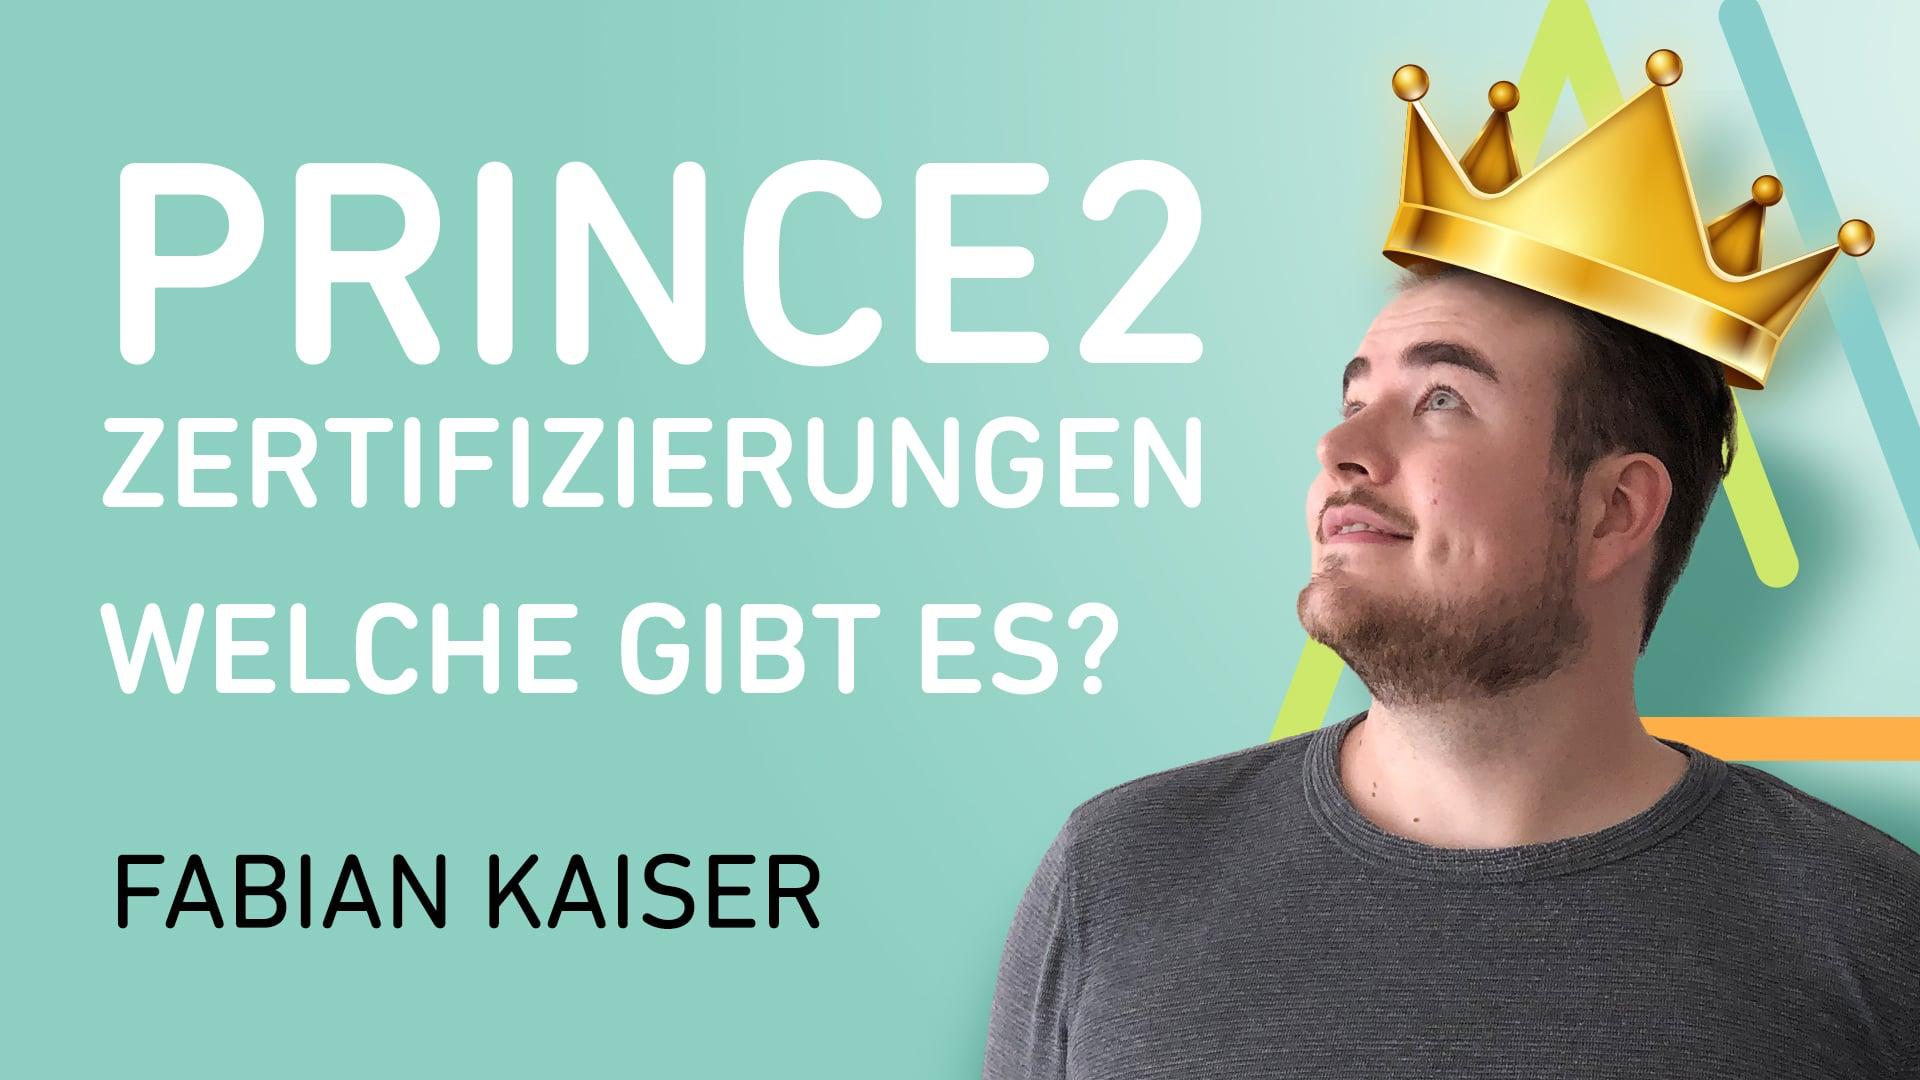 Prince2 Zertifizierungen